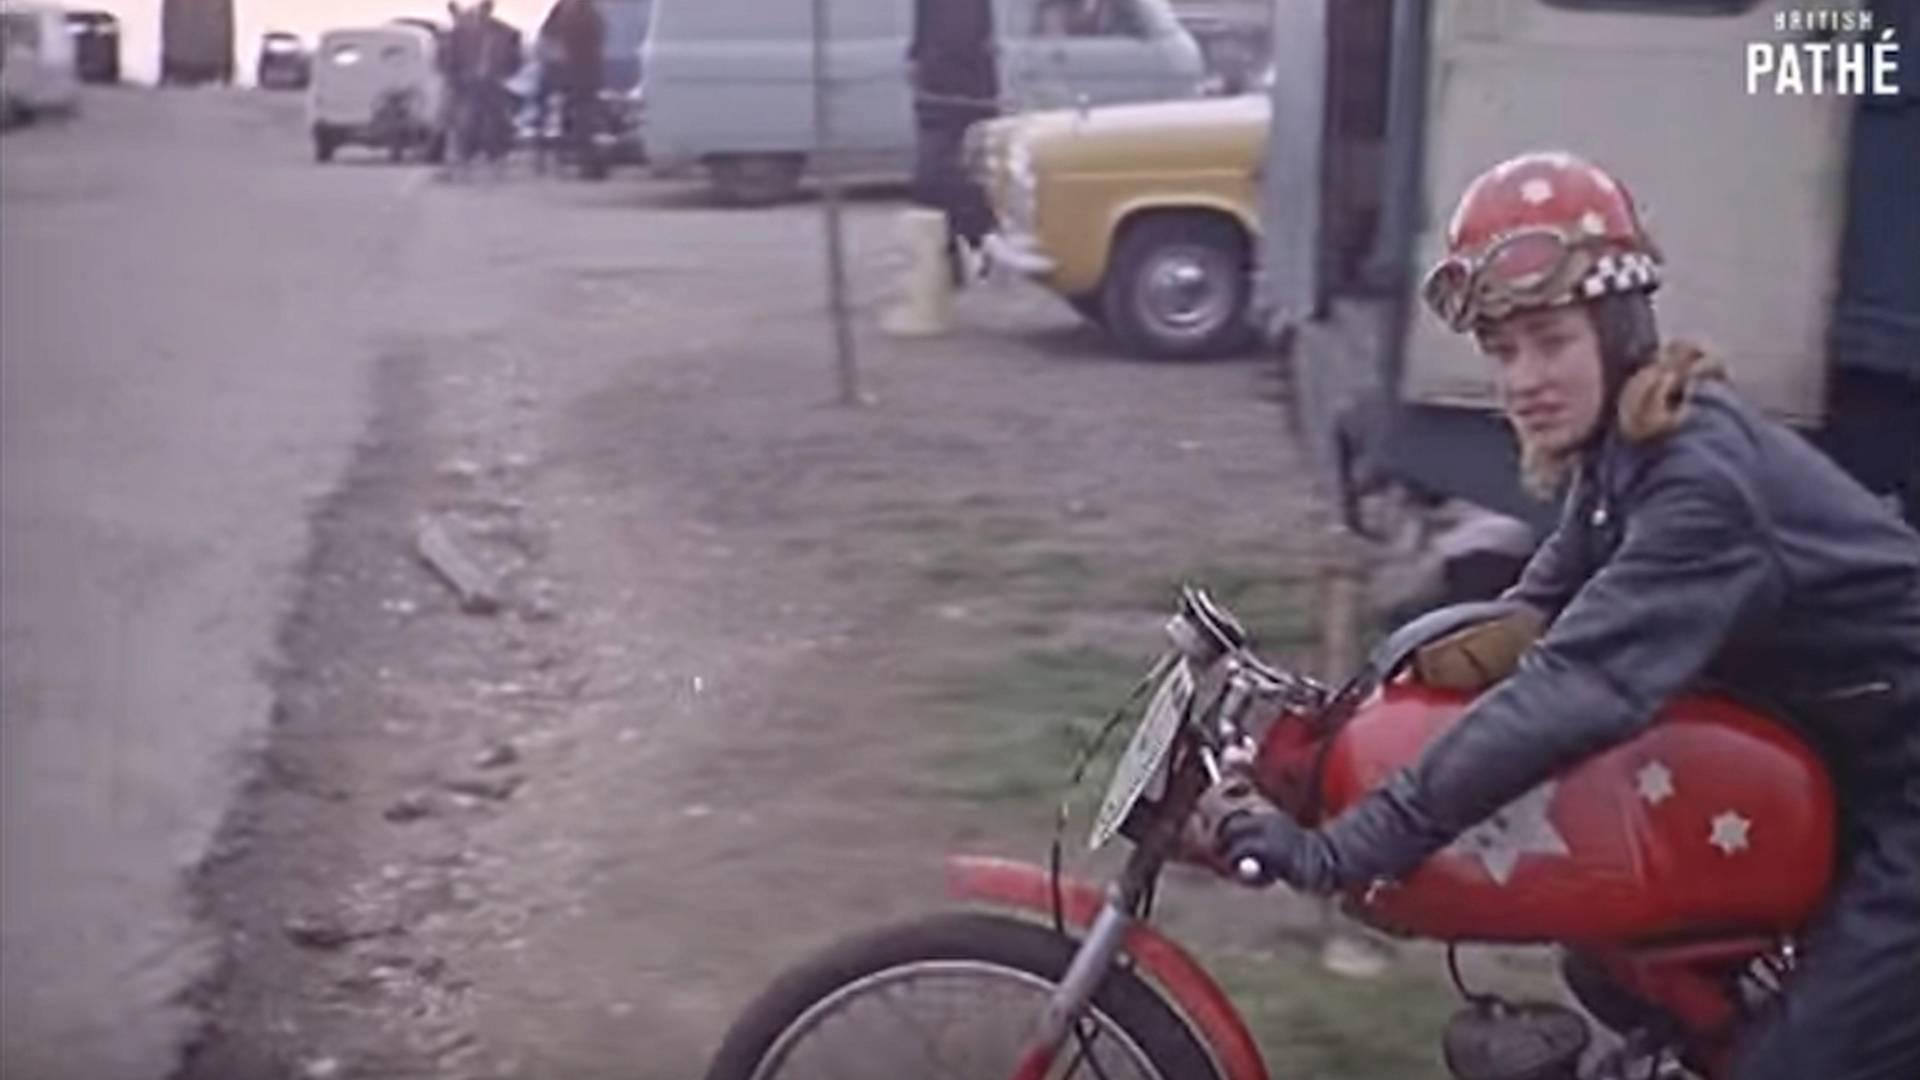 Film Vault: Girl Racer